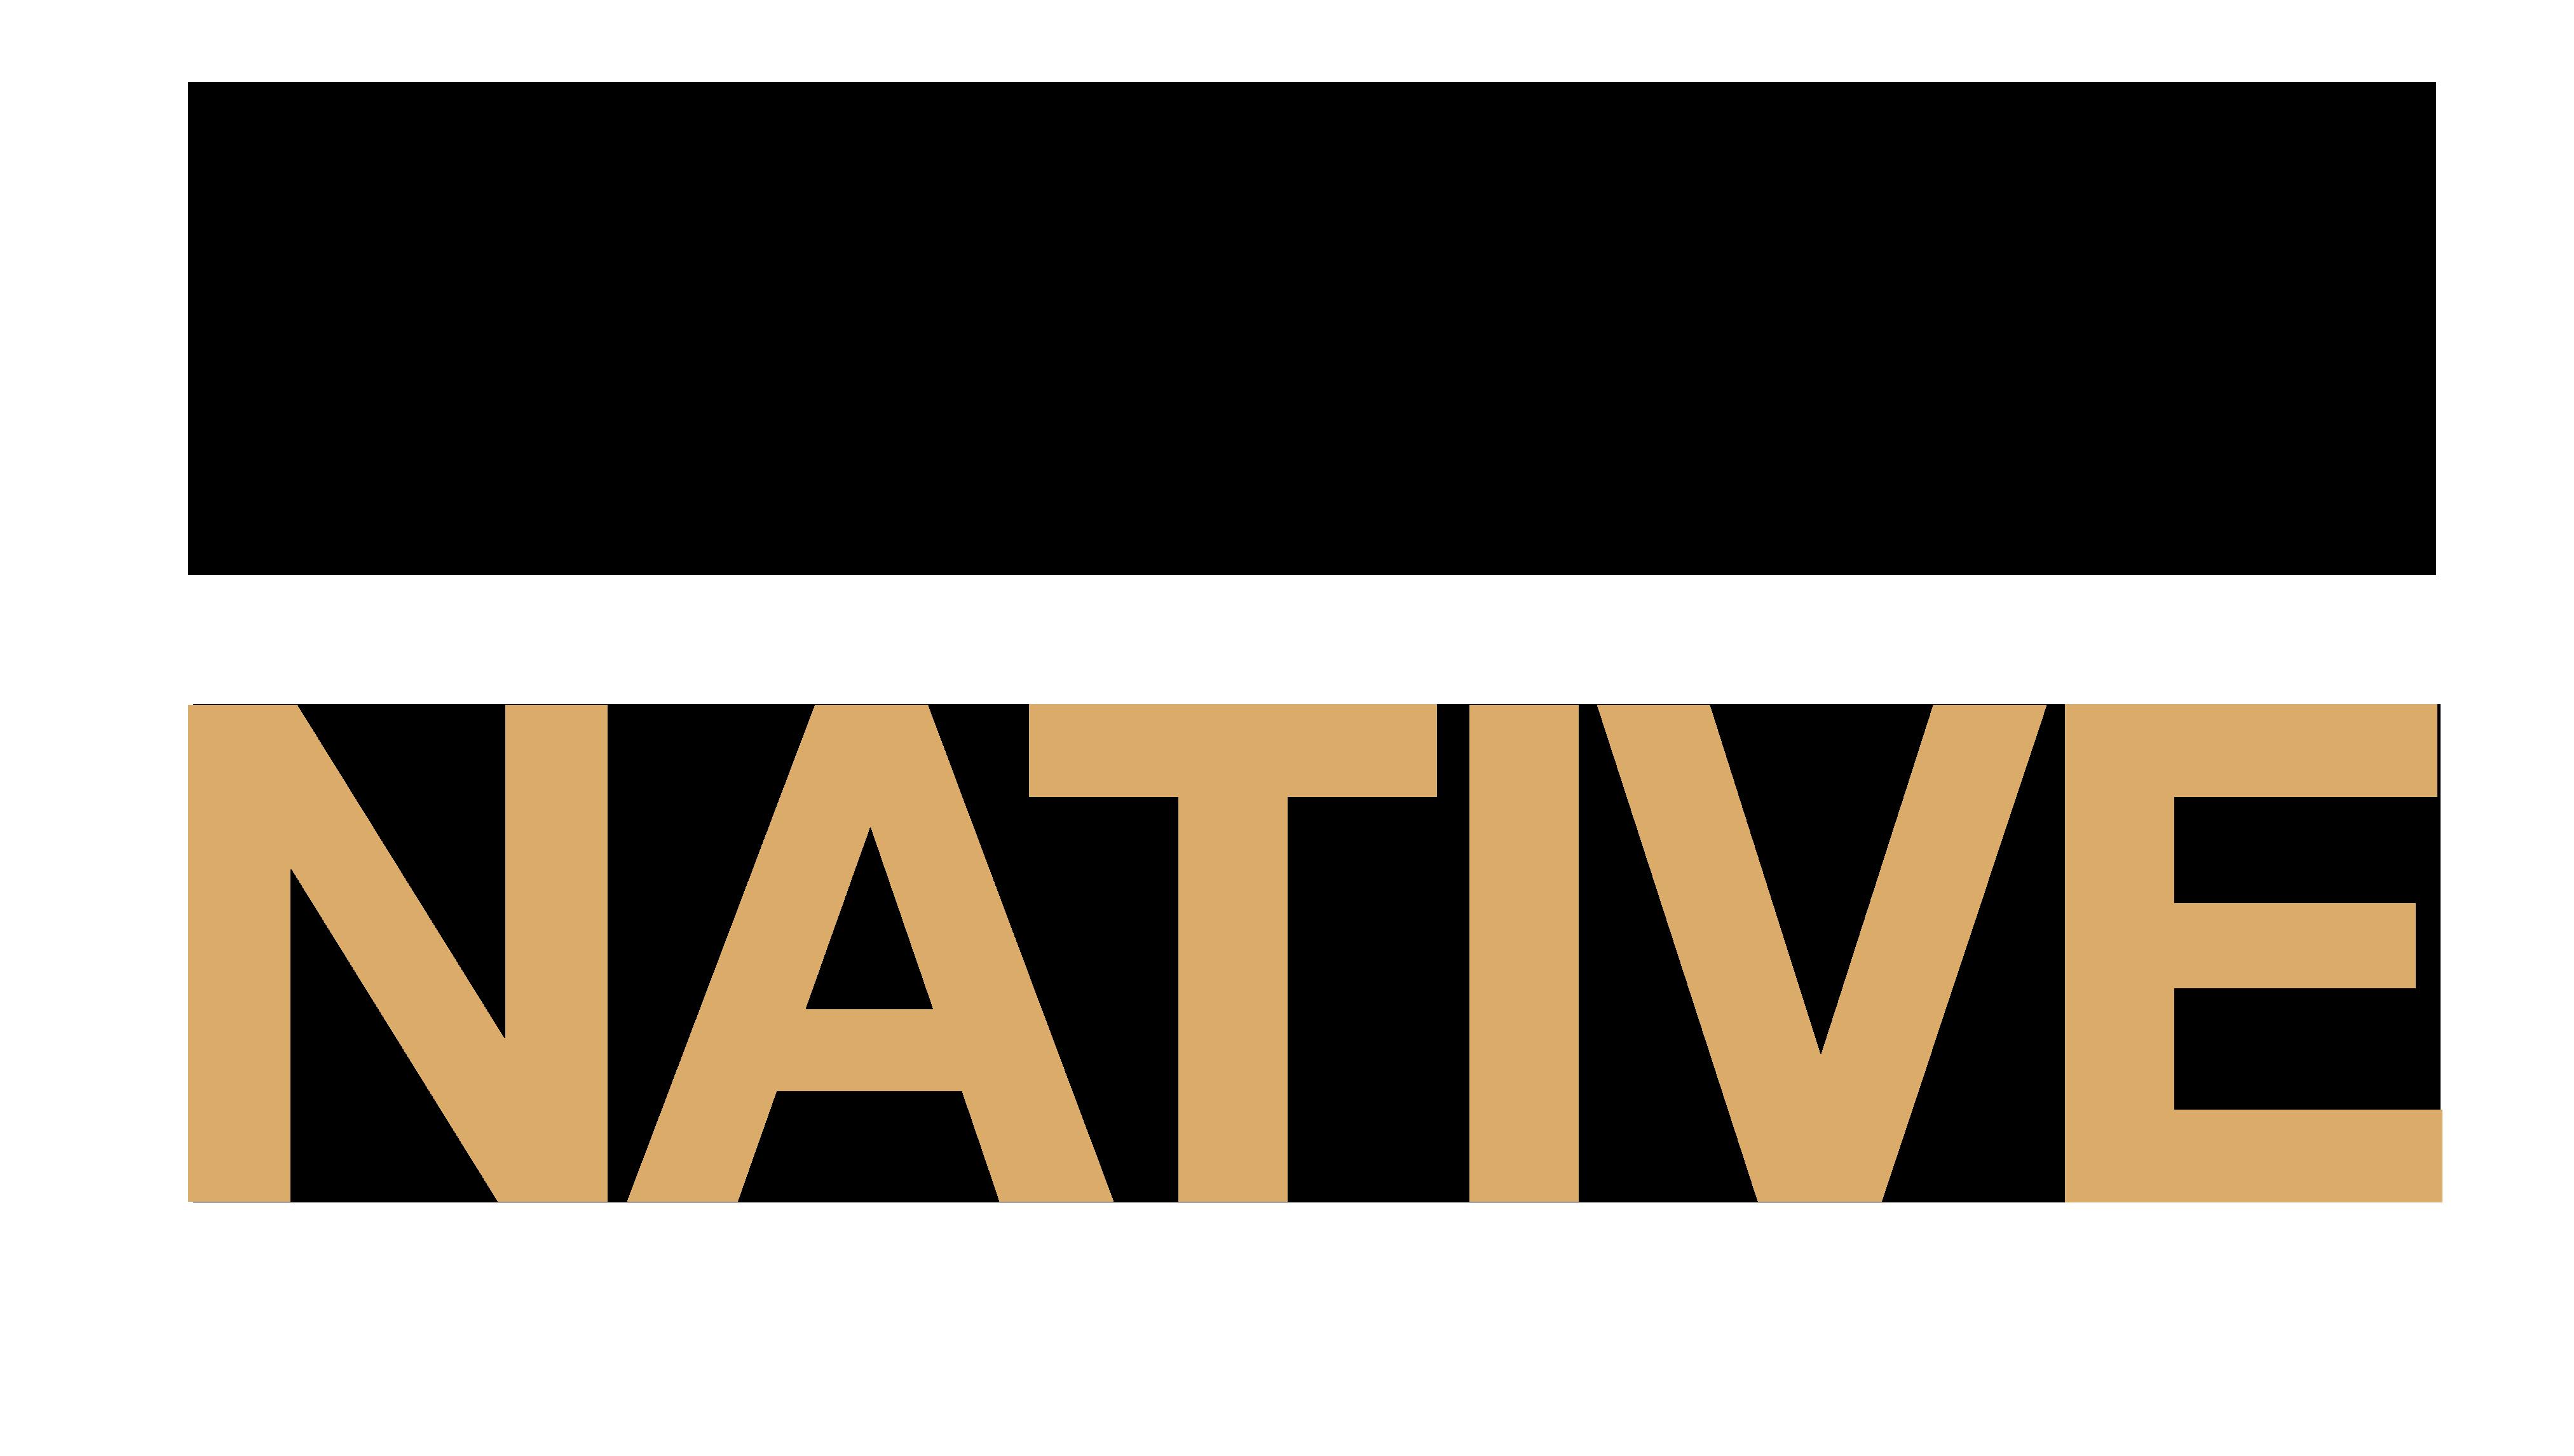 TOPICA NATIVE - Tổ hợp Công nghệ Giáo dục TOPICA